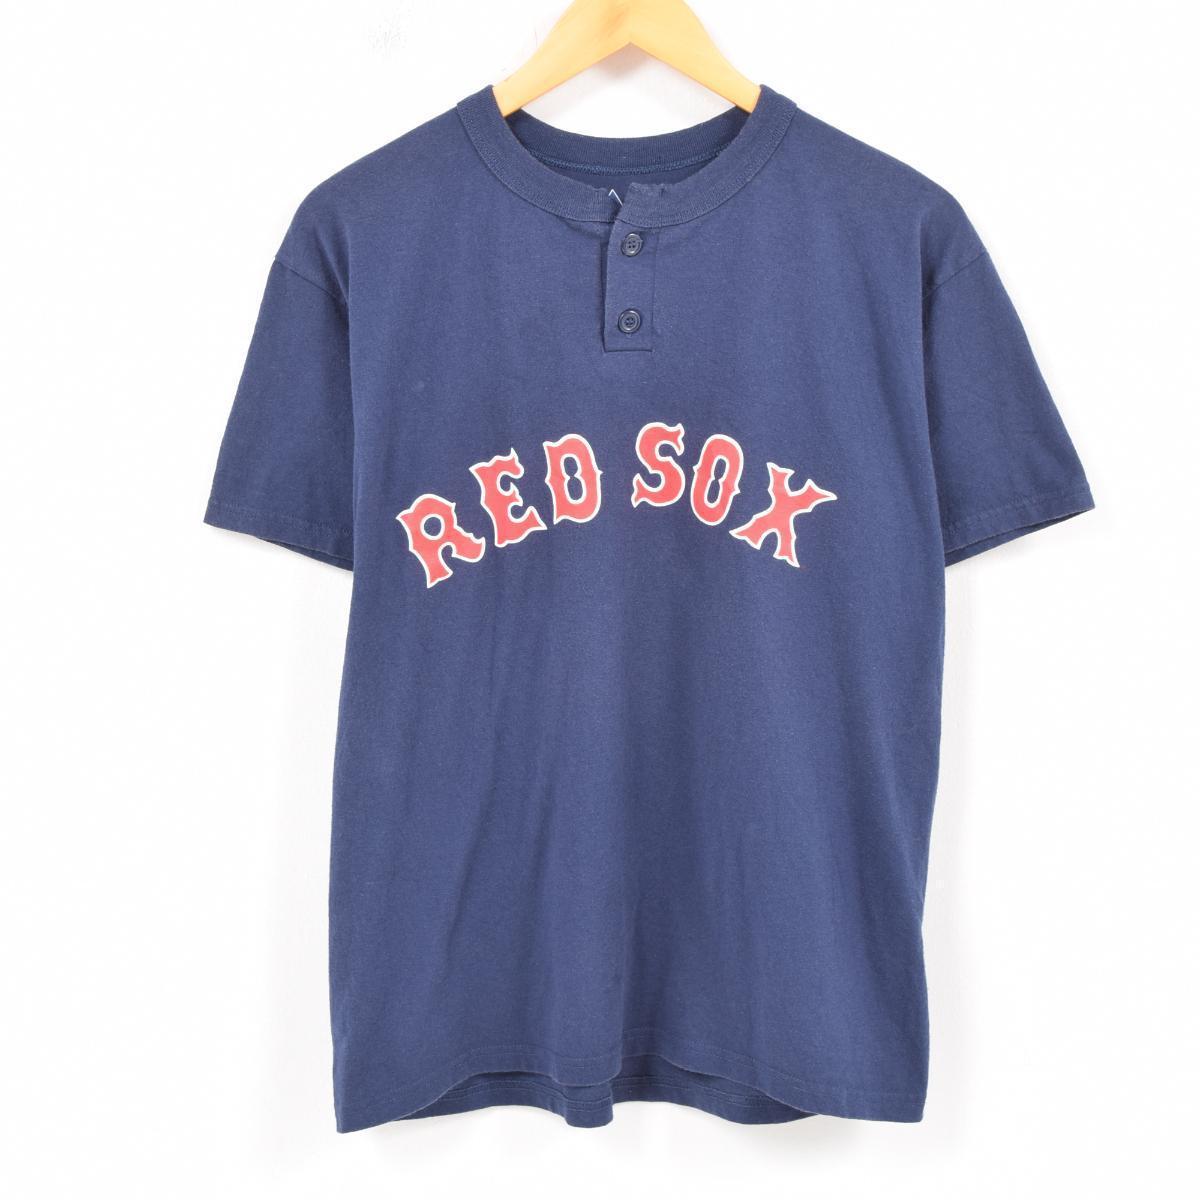 3df7f1c37 Majestic majestic MLB BOSTON RED SOX Boston Red Sox baseball T-shirt men L   wat5777